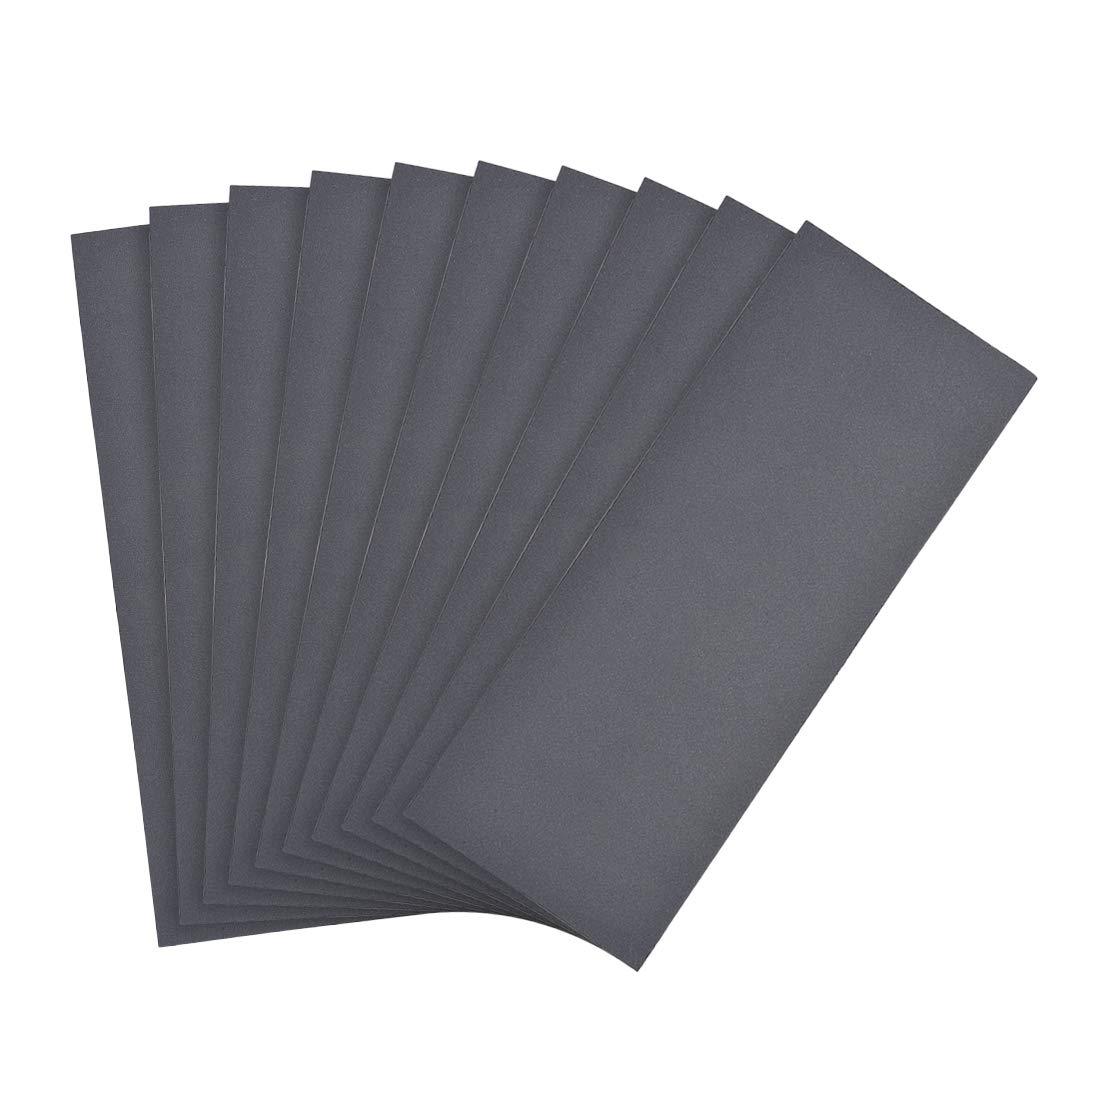 pulido automotriz lijado de metal Papel de lija impermeable Sourcing grano de papel de arena seco y h/úmedo para acabado de muebles de madera 10 unidades de 9 x 3,7 pulgadas